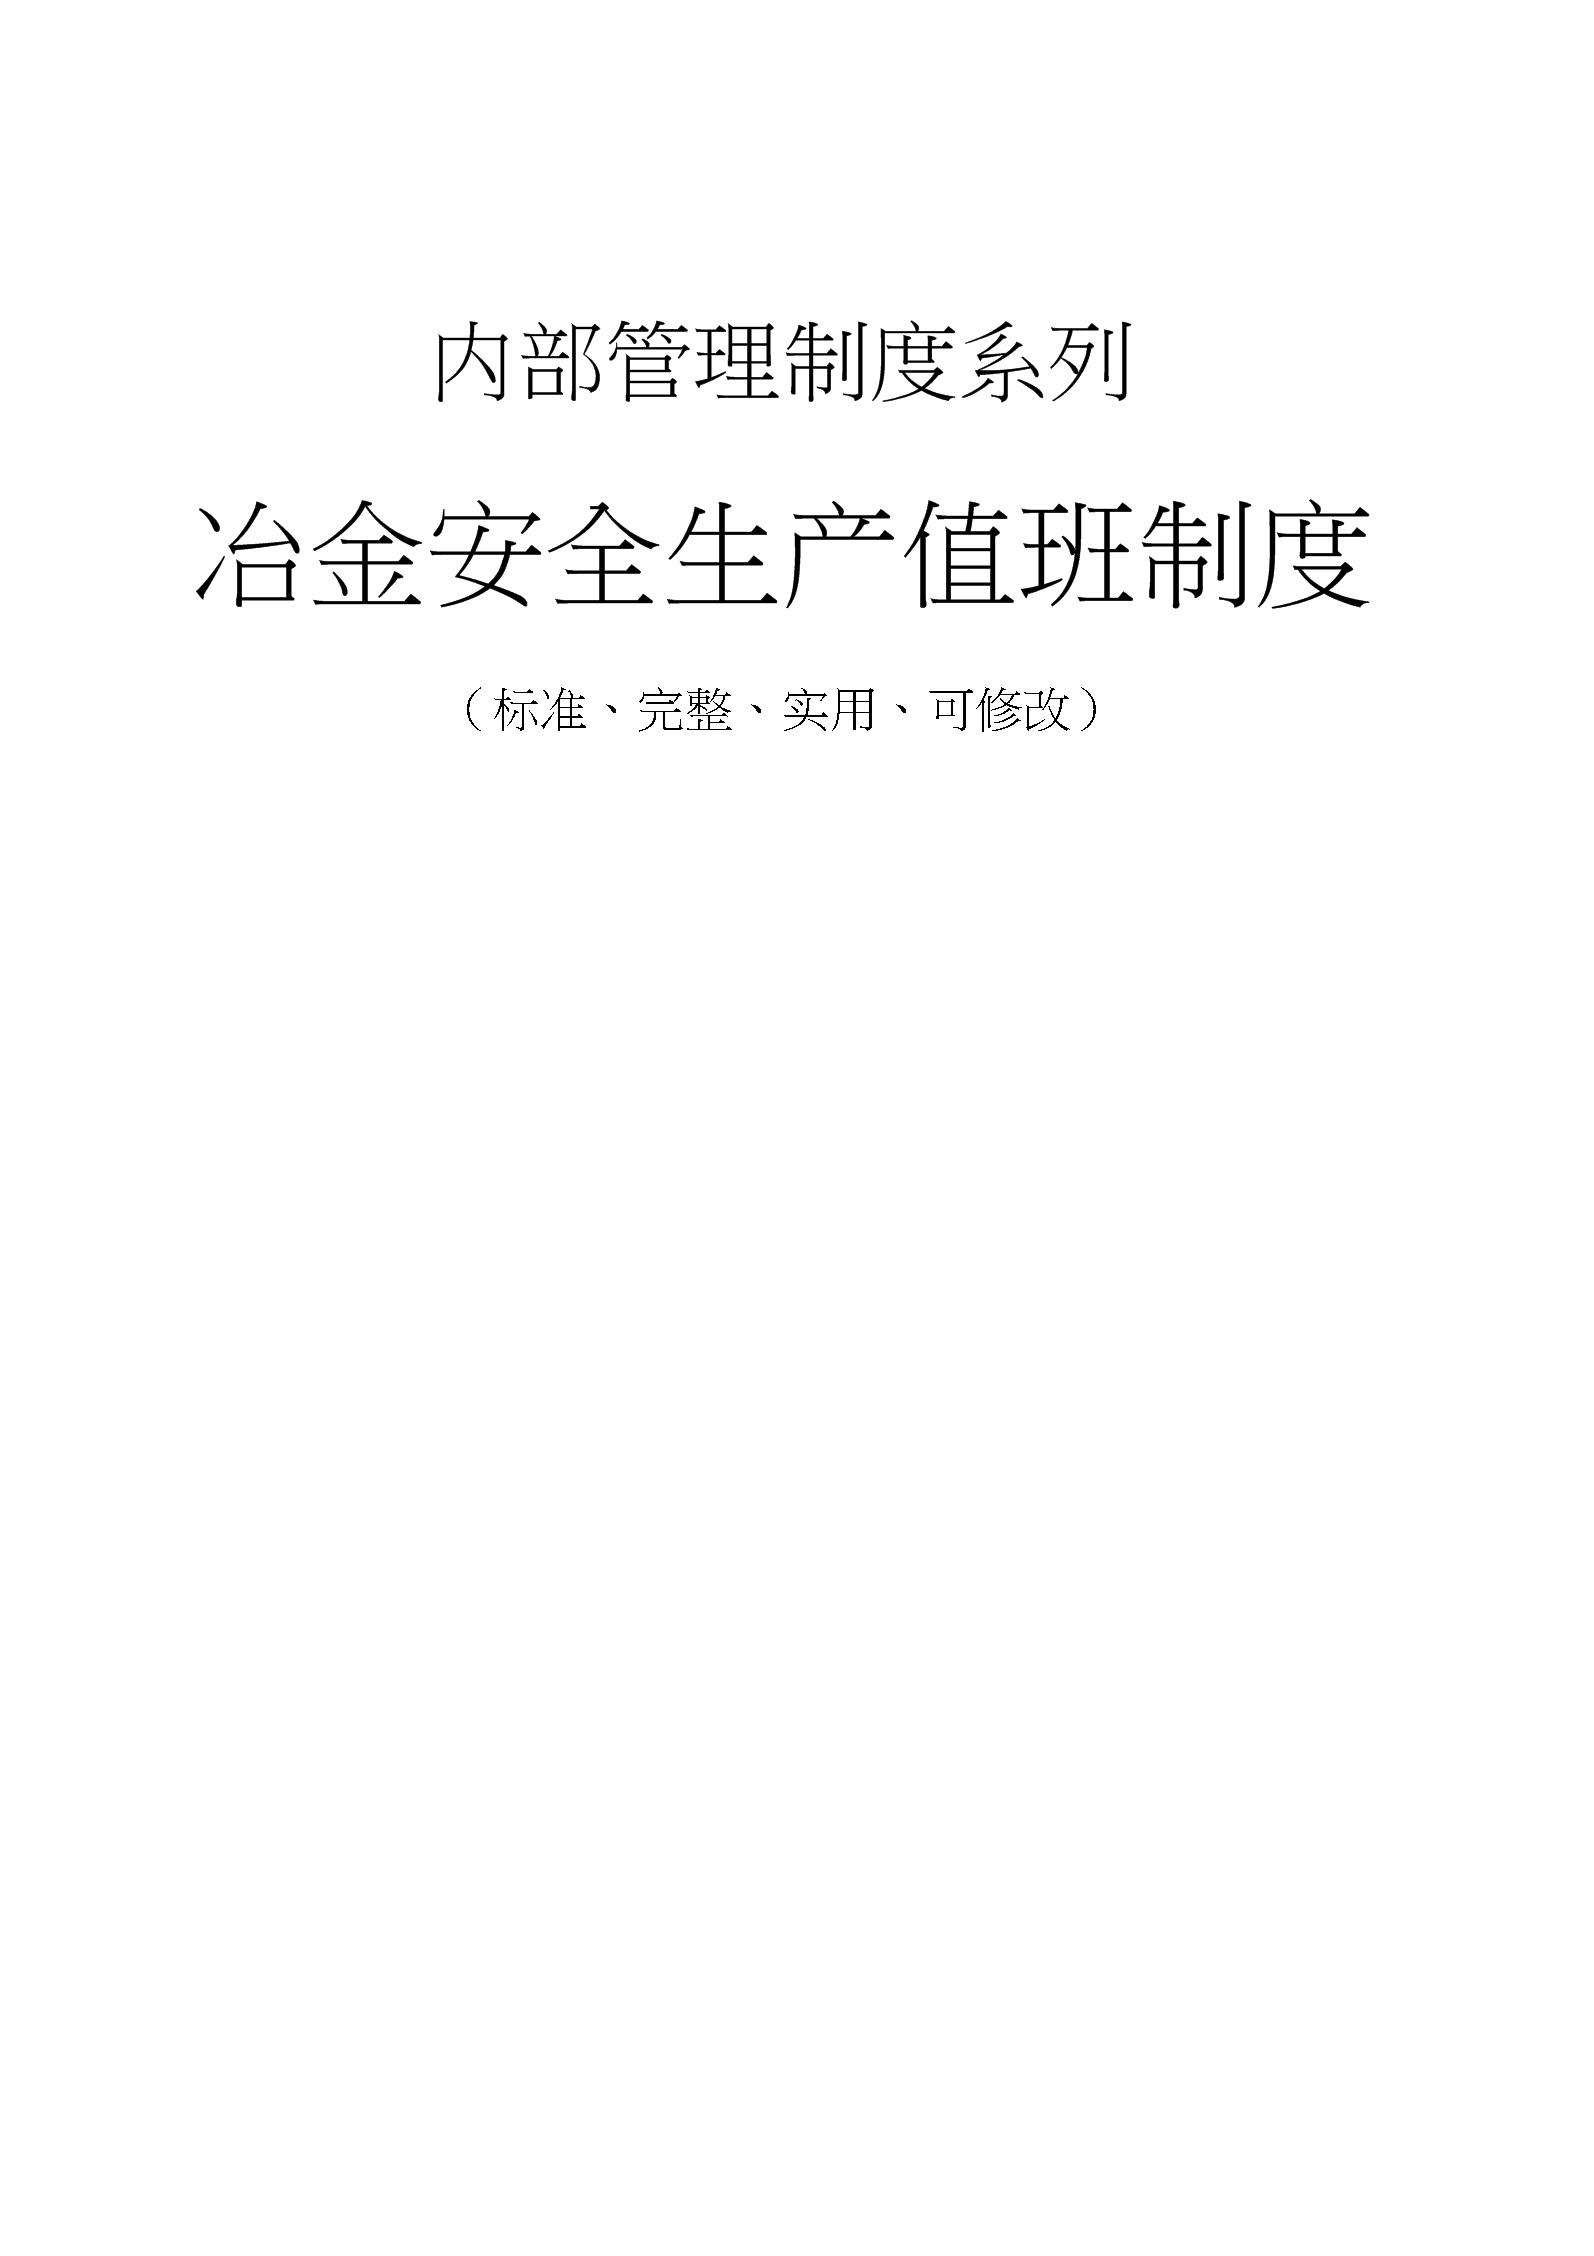 冶金安全生产值班管理制度.docx